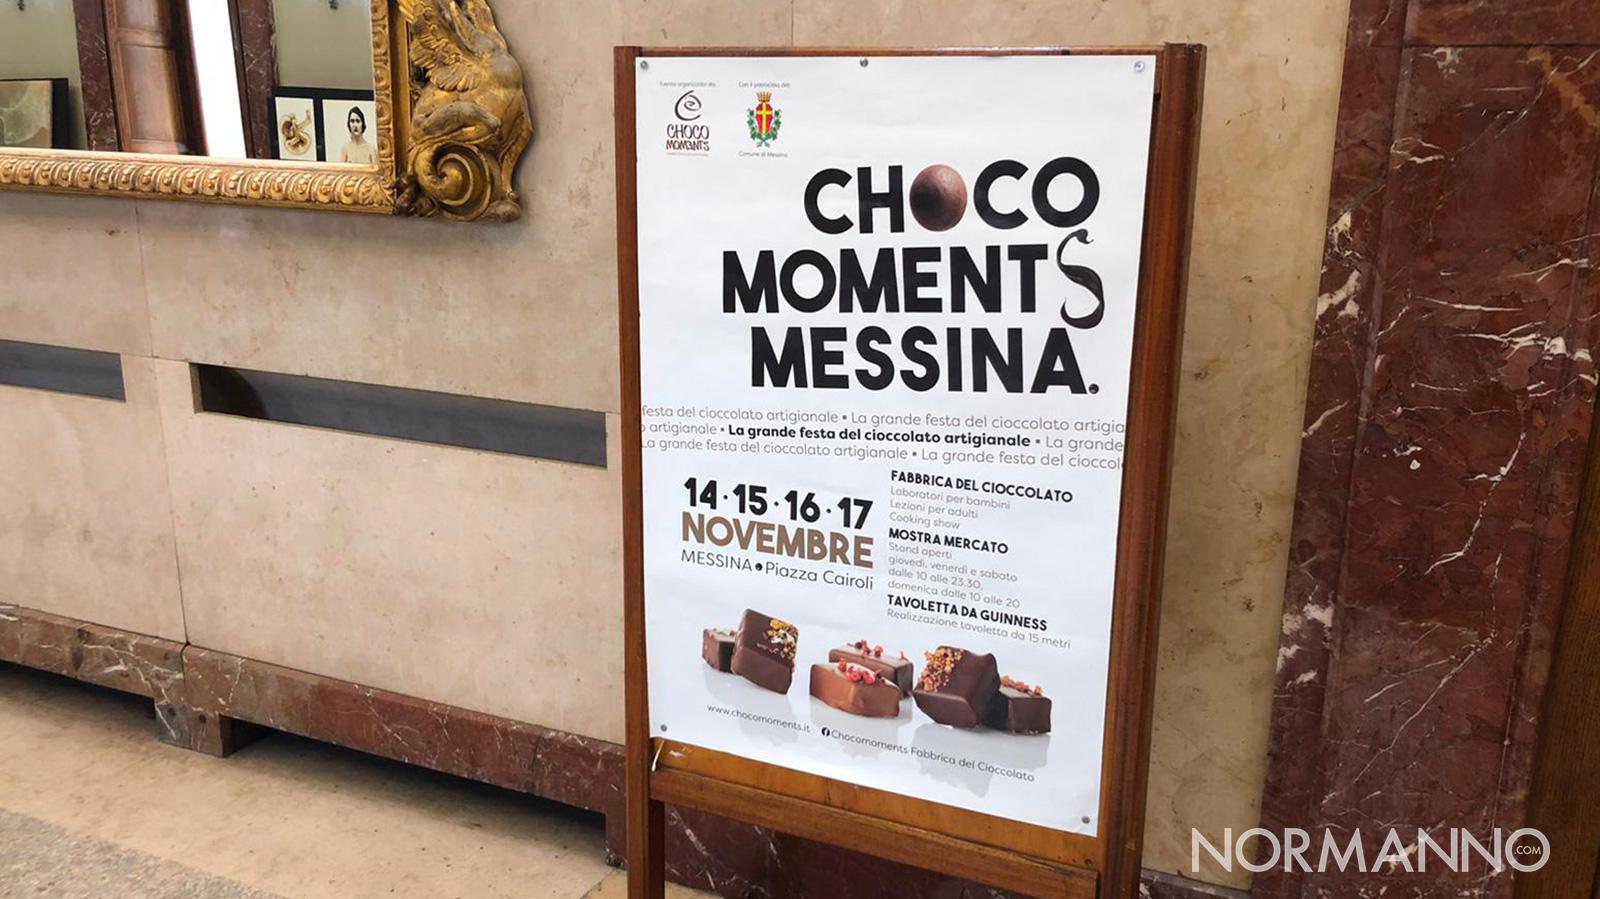 locandina della presentazione festa del cioccolato artigianale choco moments messina